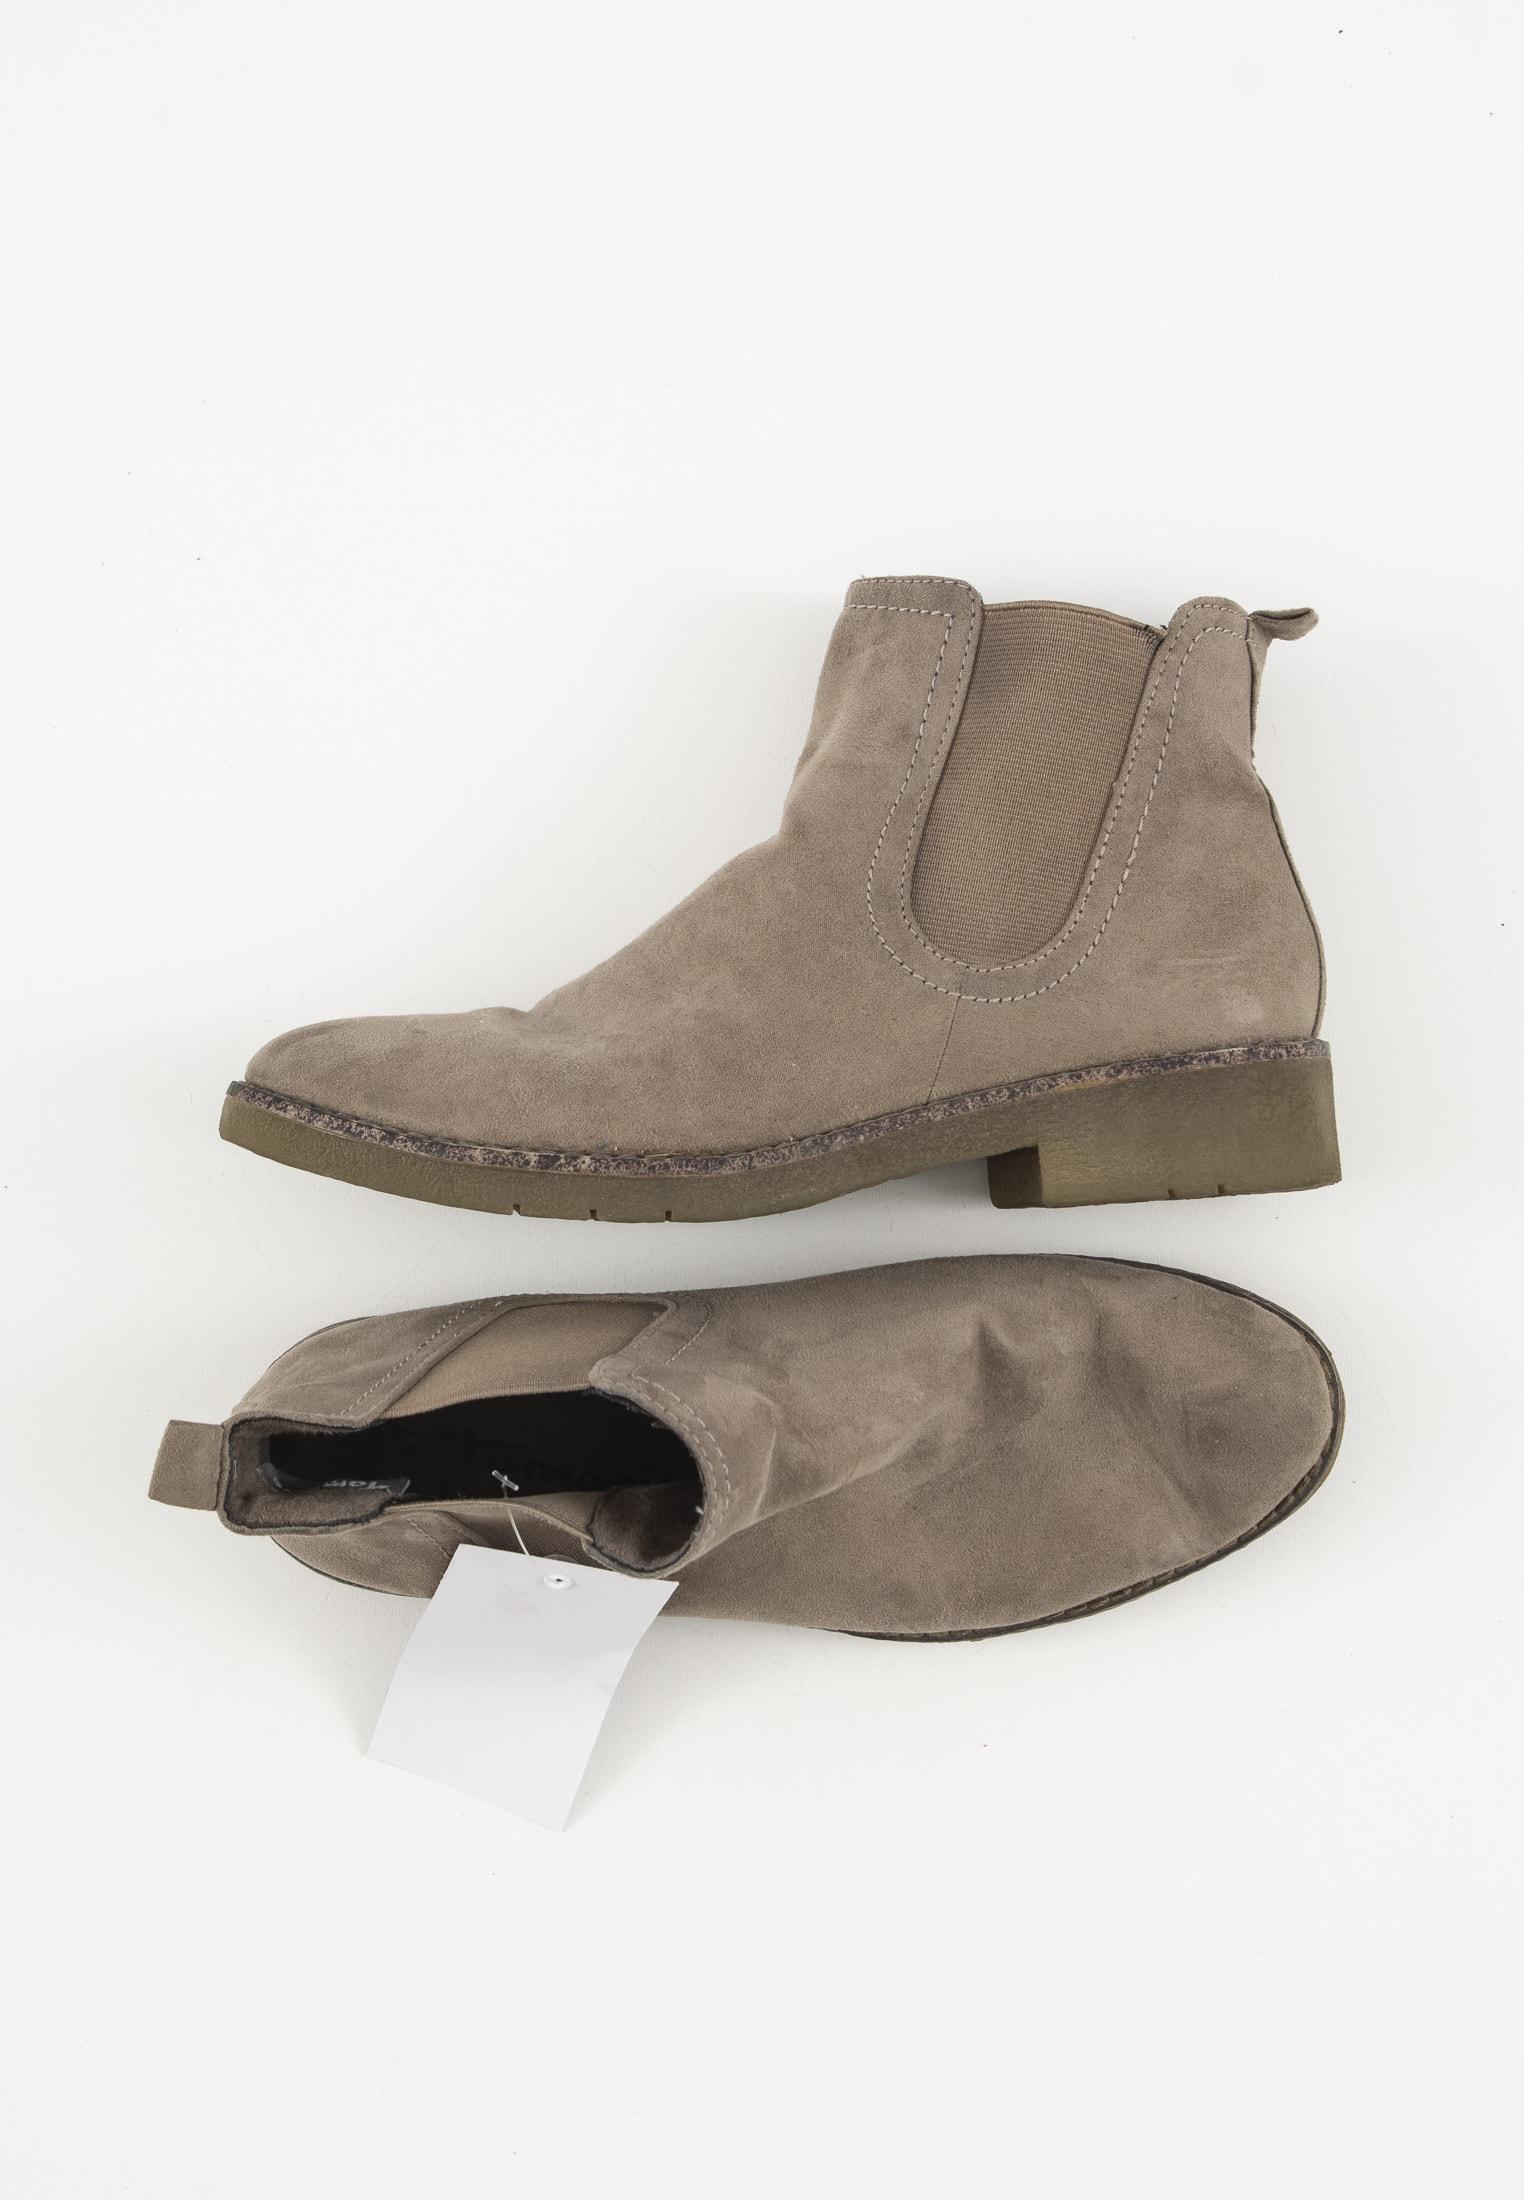 Tamaris Stiefel / Stiefelette / Boots Beige Gr.37